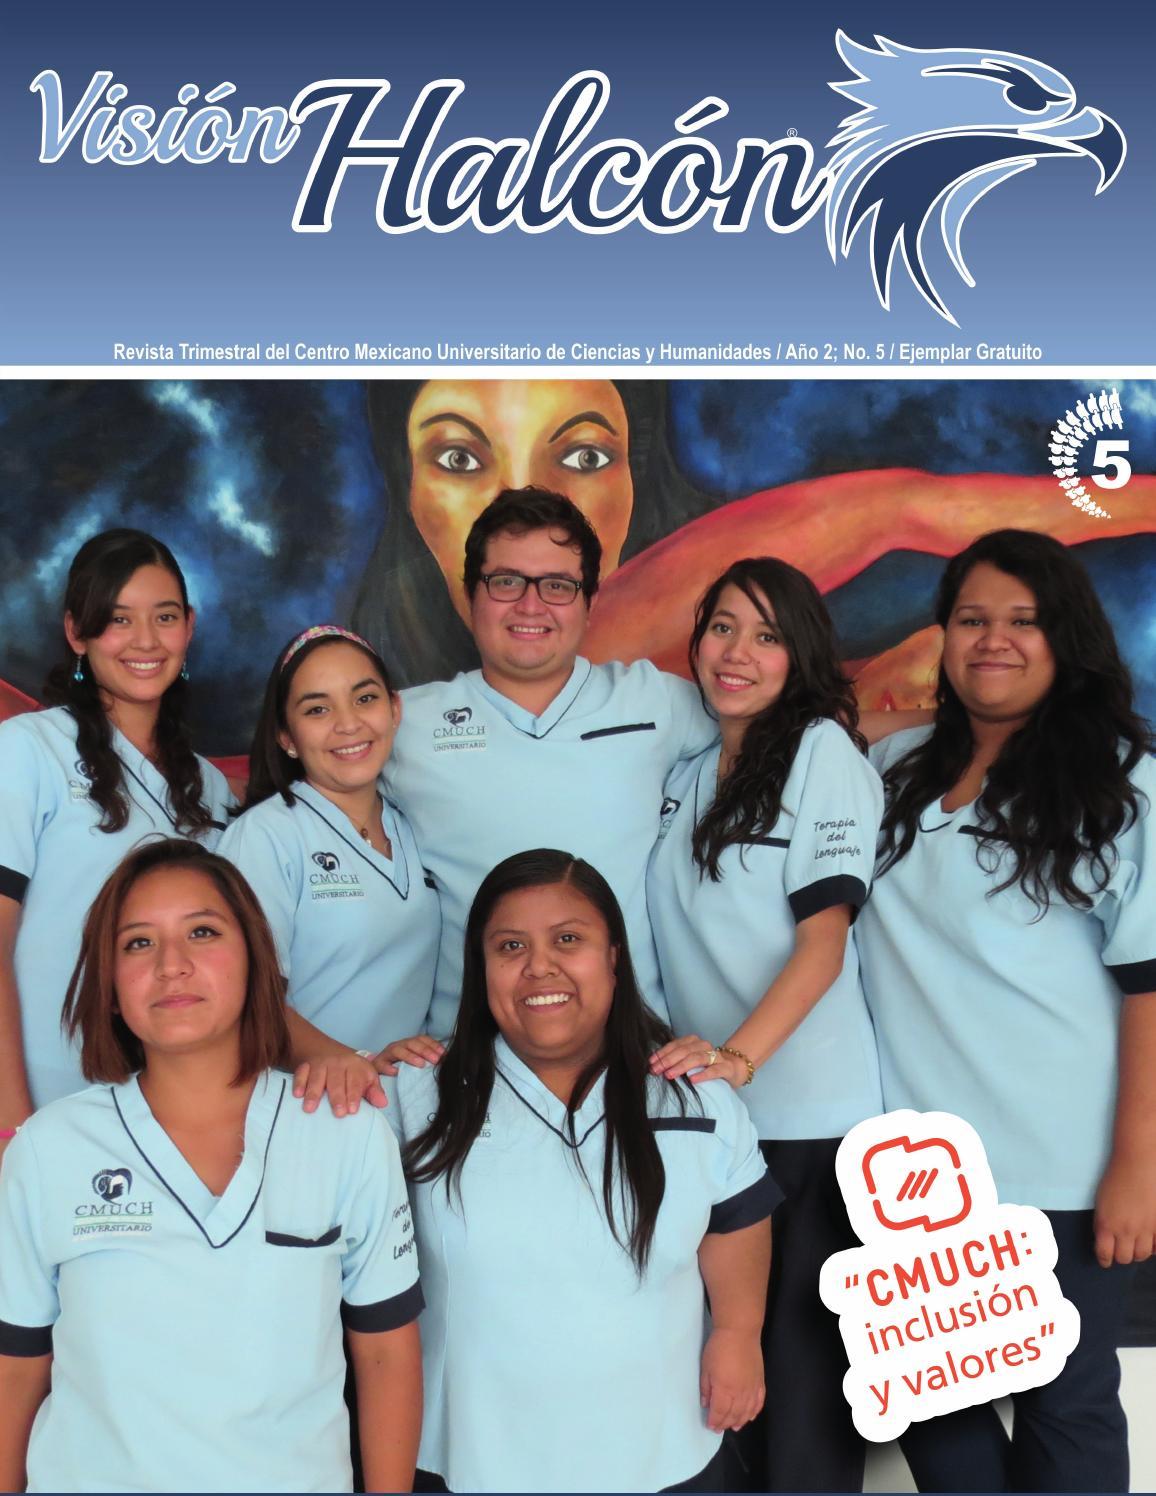 Revista Visión Halcón by Id Netlogics - issuu